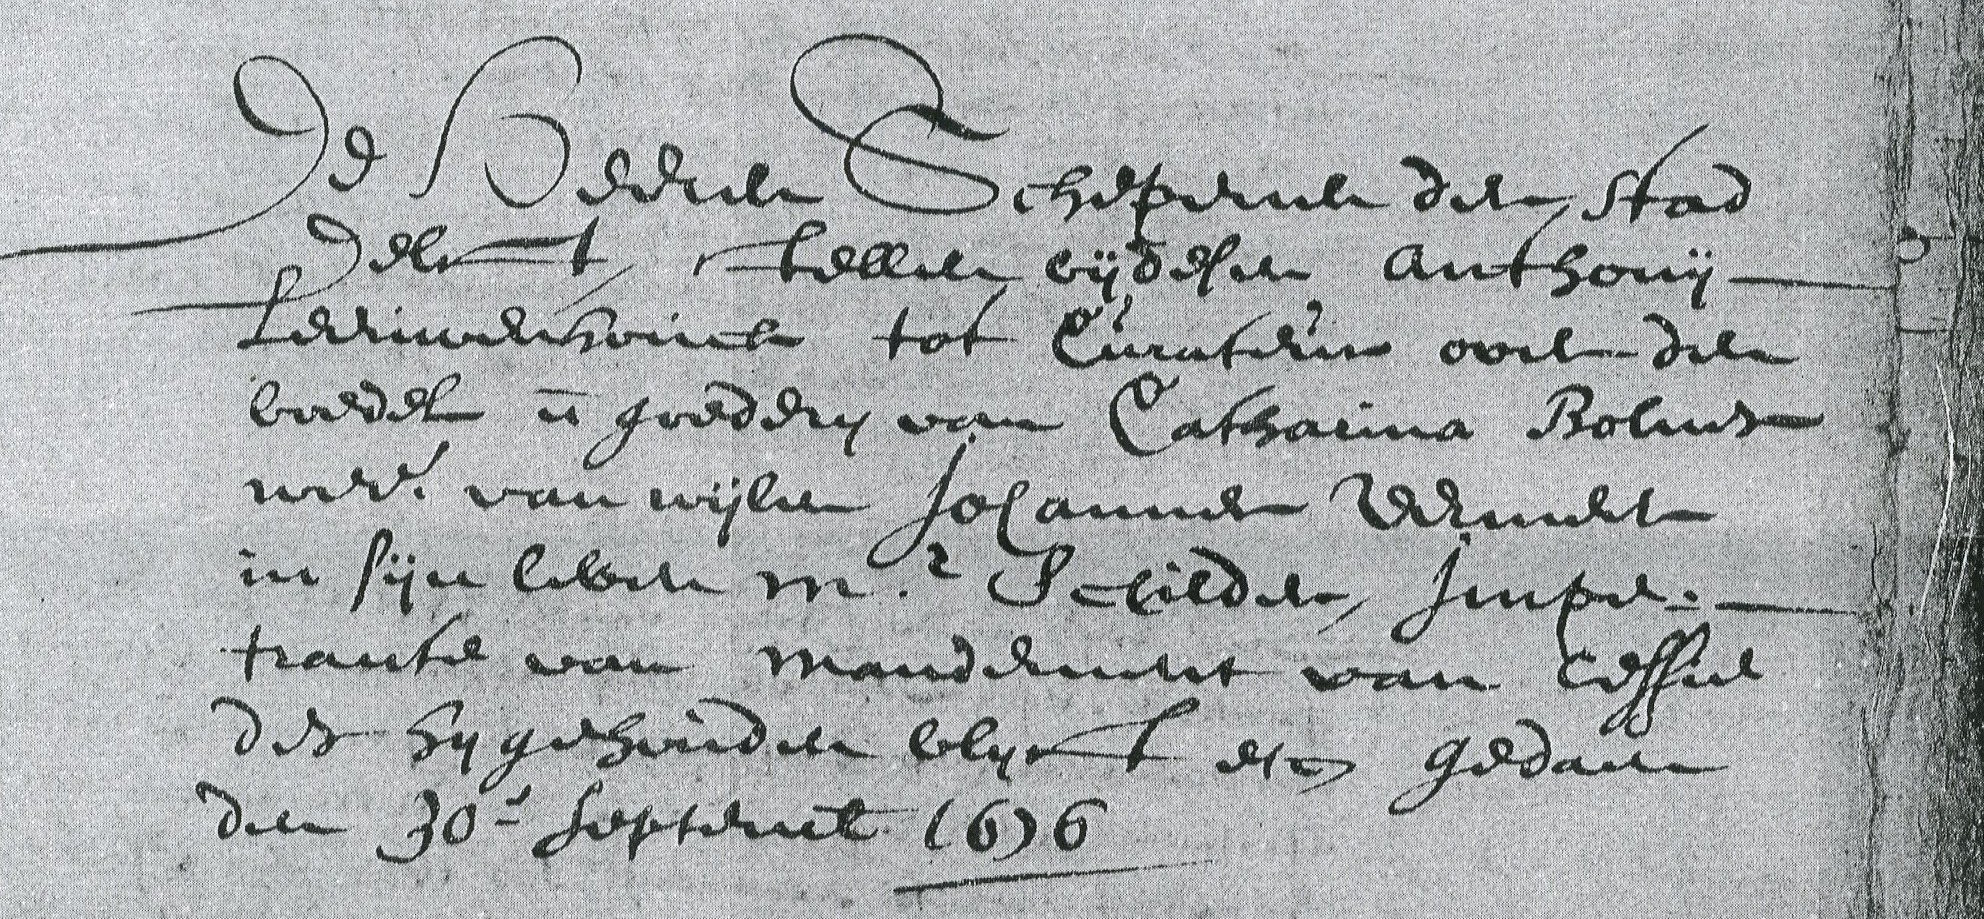 leeuwenhoekappointedcurator_ora_171_30-9-1676